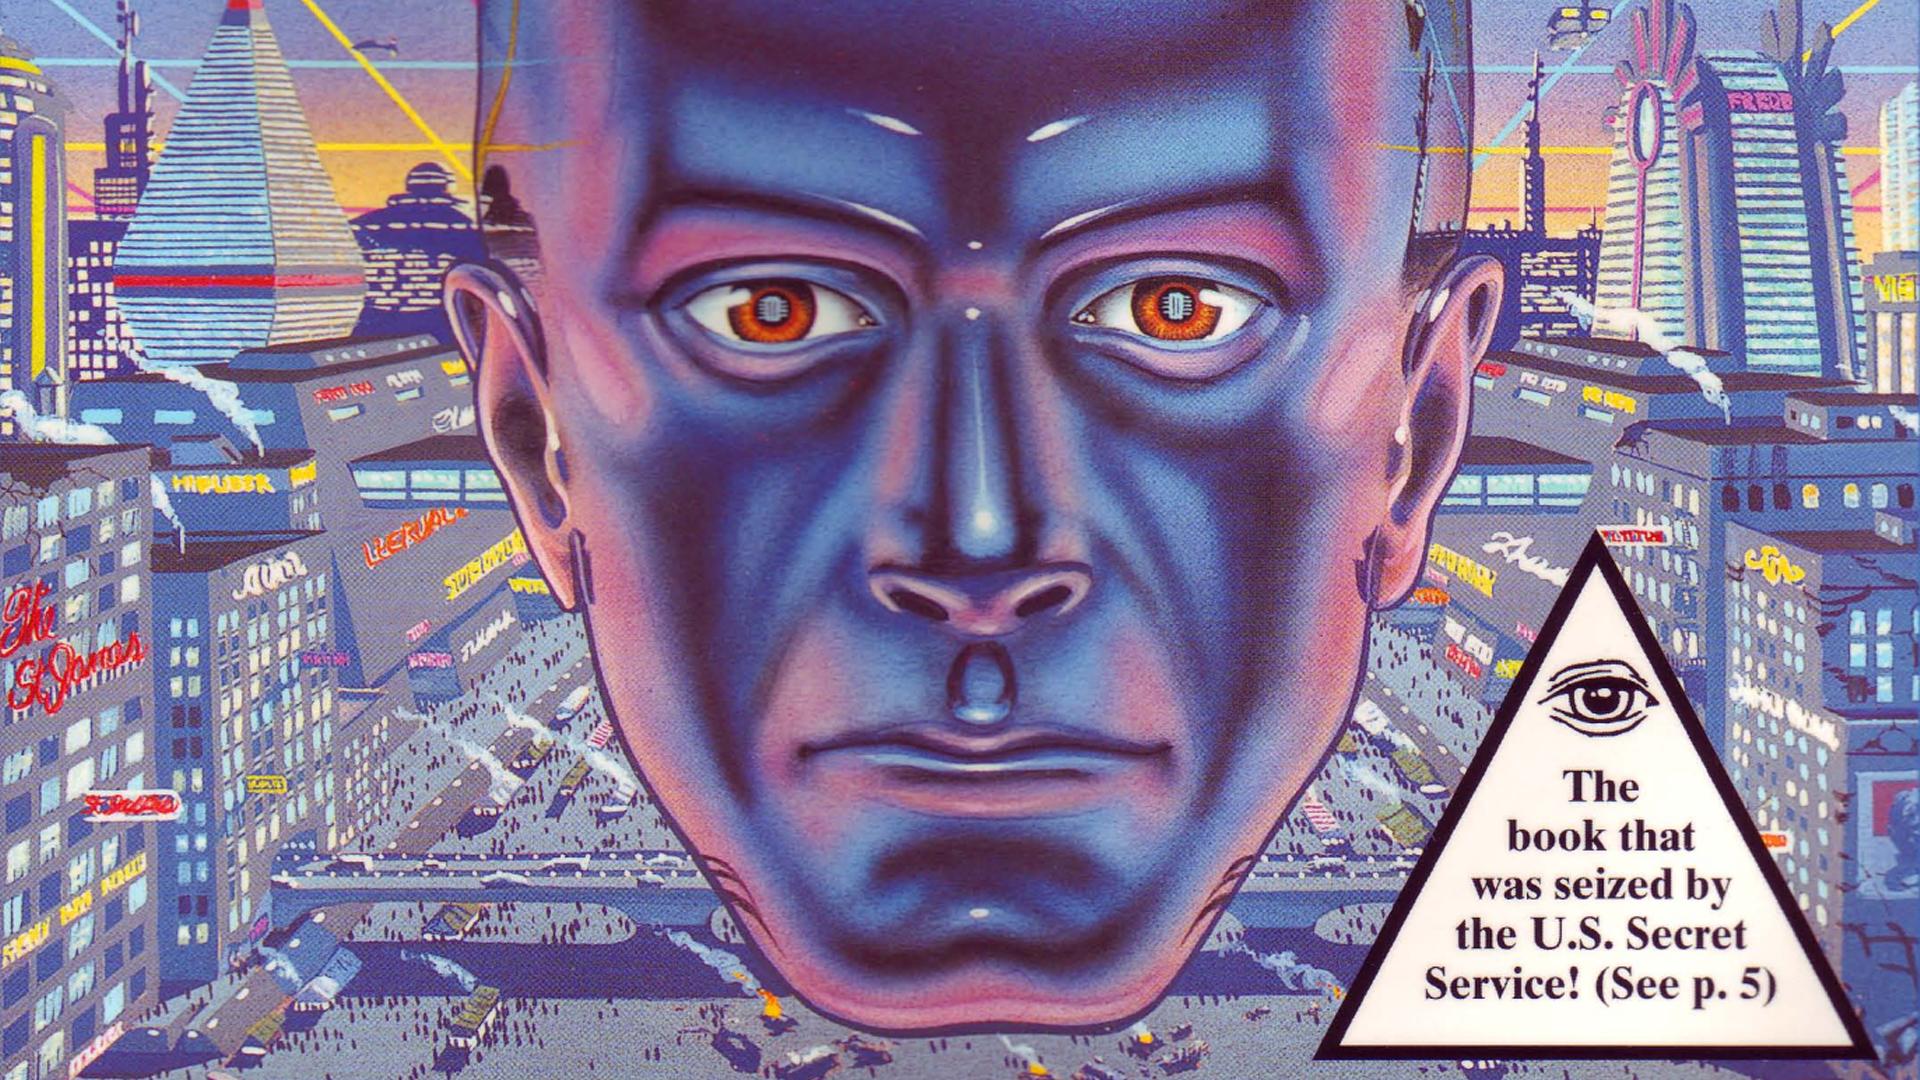 gurps-cyberpunk-rpg-book-art.png